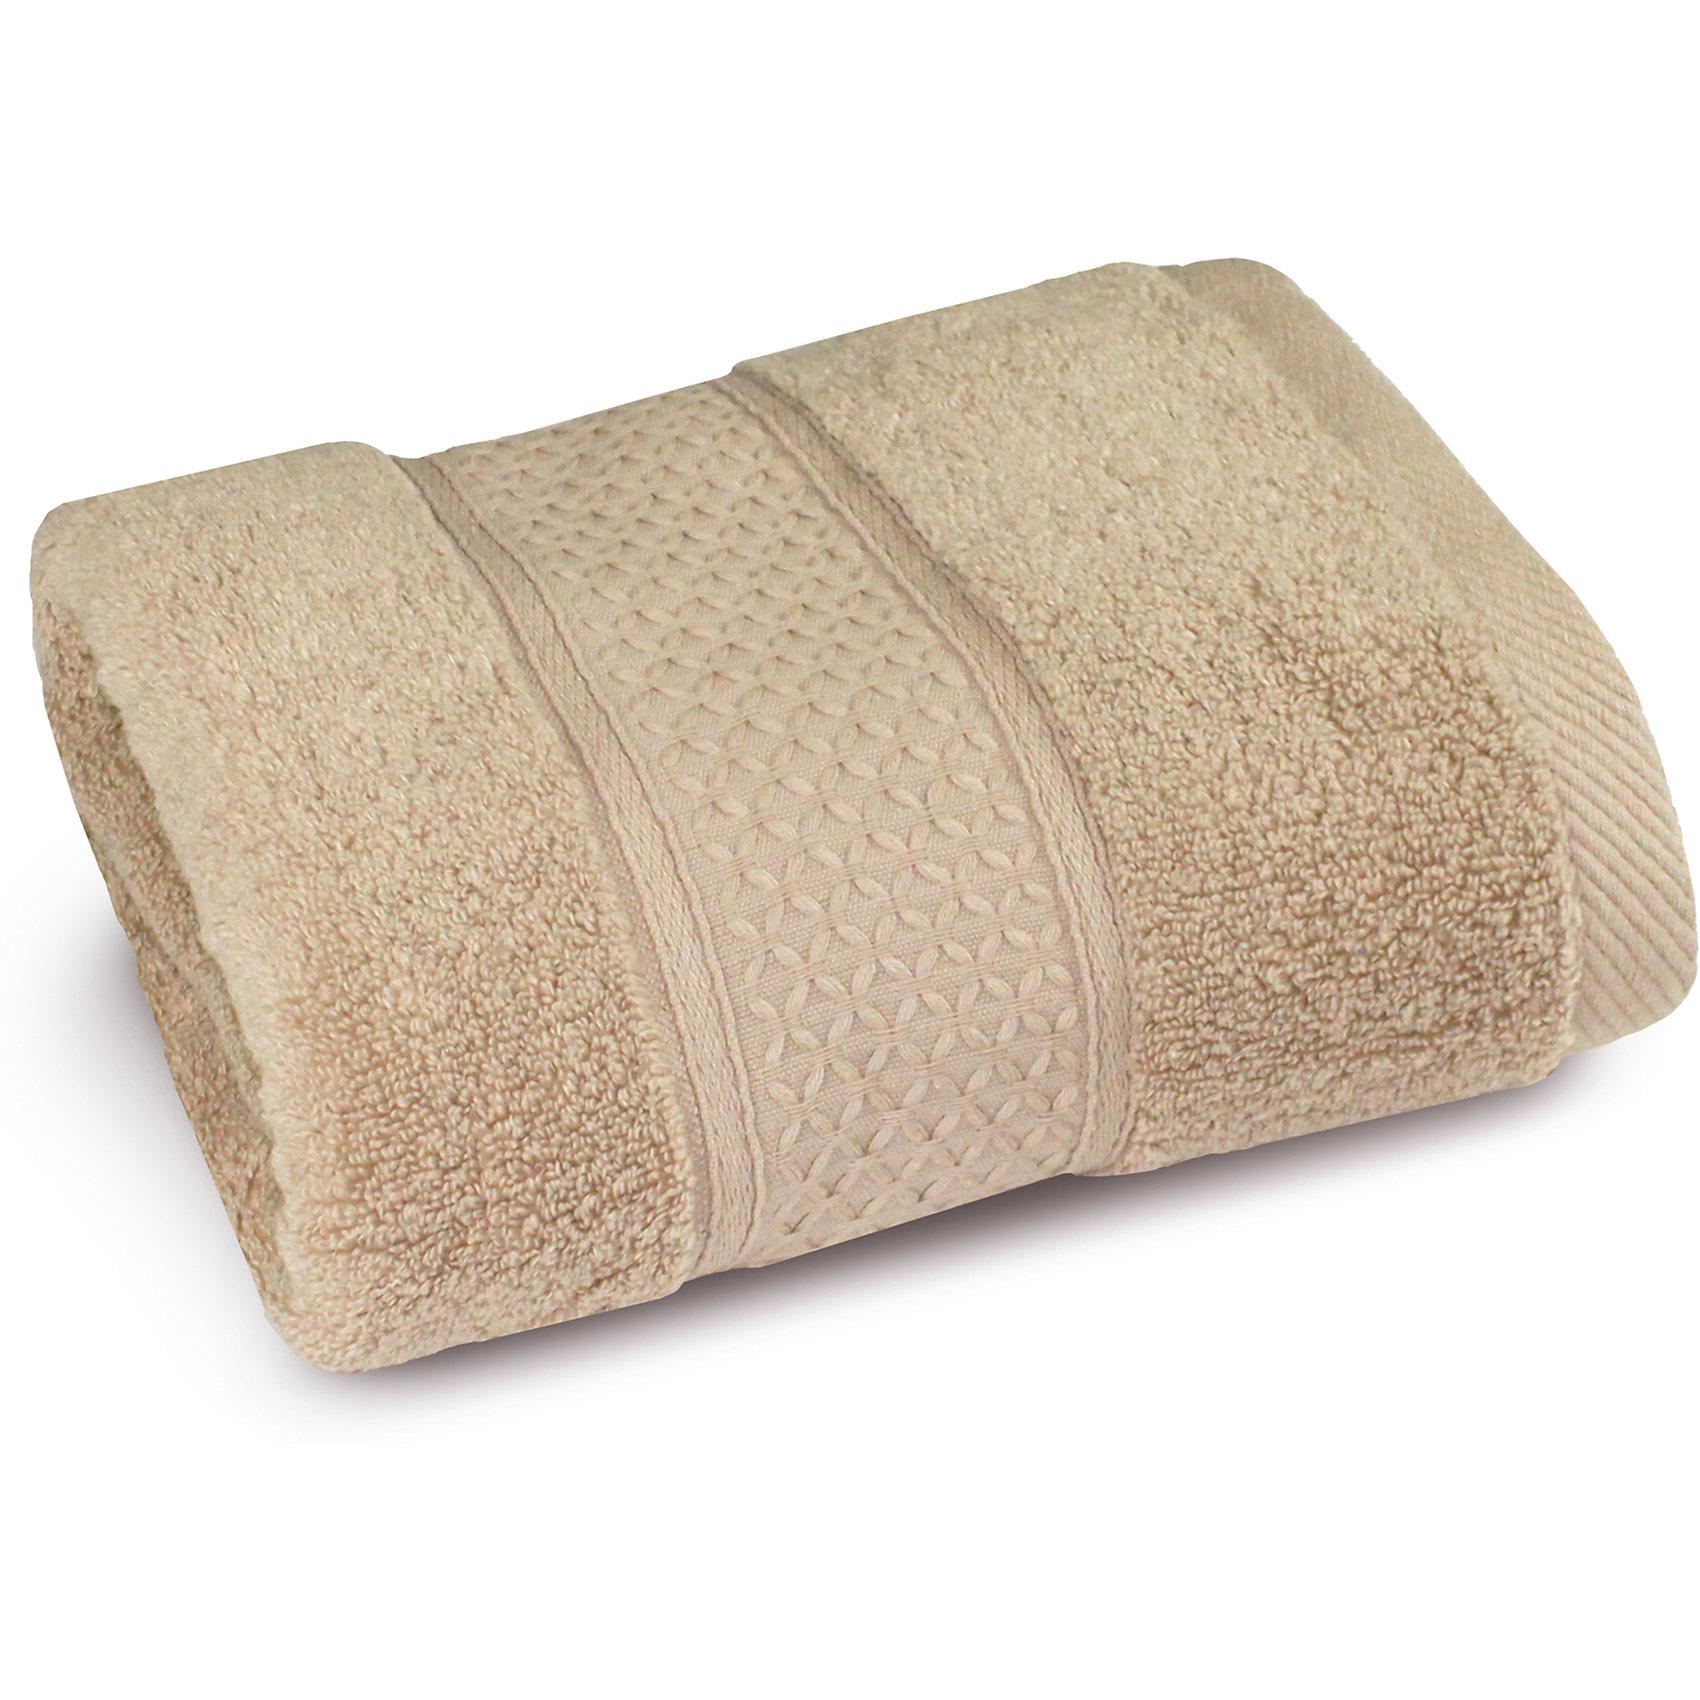 Полотенце махровое 50х90, Cozy Home, бежевыйВанная комната<br>Полотенце махровое 50х90, Cozy Home (Кози Хоум), бежевый<br><br>Характеристики:<br><br>• мягкое полотенце, приятное на ощупь<br>• хорошо впитывает влагу<br>• легко стирать<br>• материал: хлопок<br>• размер: 50х90 см<br>• цвет: бежевый<br><br>Полотенце из хлопка нежно позаботится о вашей коже и подарит мягкость после водных процедур. Хлопок известен своей прочностью и гипоаллергенностью. Кроме того, он не впитывает неприятные запахи, неприхотлив в уходе и не поддается деформации и выцветанию. Приятный дизайн с вышитым бордюром станет прекрасным дополнением для вашей ванной комнаты.<br><br>Полотенце махровое 50х90, Cozy Home (Кози Хоум), бежевый можно купить в нашем интернет-магазине.<br><br>Ширина мм: 150<br>Глубина мм: 250<br>Высота мм: 150<br>Вес г: 250<br>Возраст от месяцев: 0<br>Возраст до месяцев: 216<br>Пол: Унисекс<br>Возраст: Детский<br>SKU: 5355301